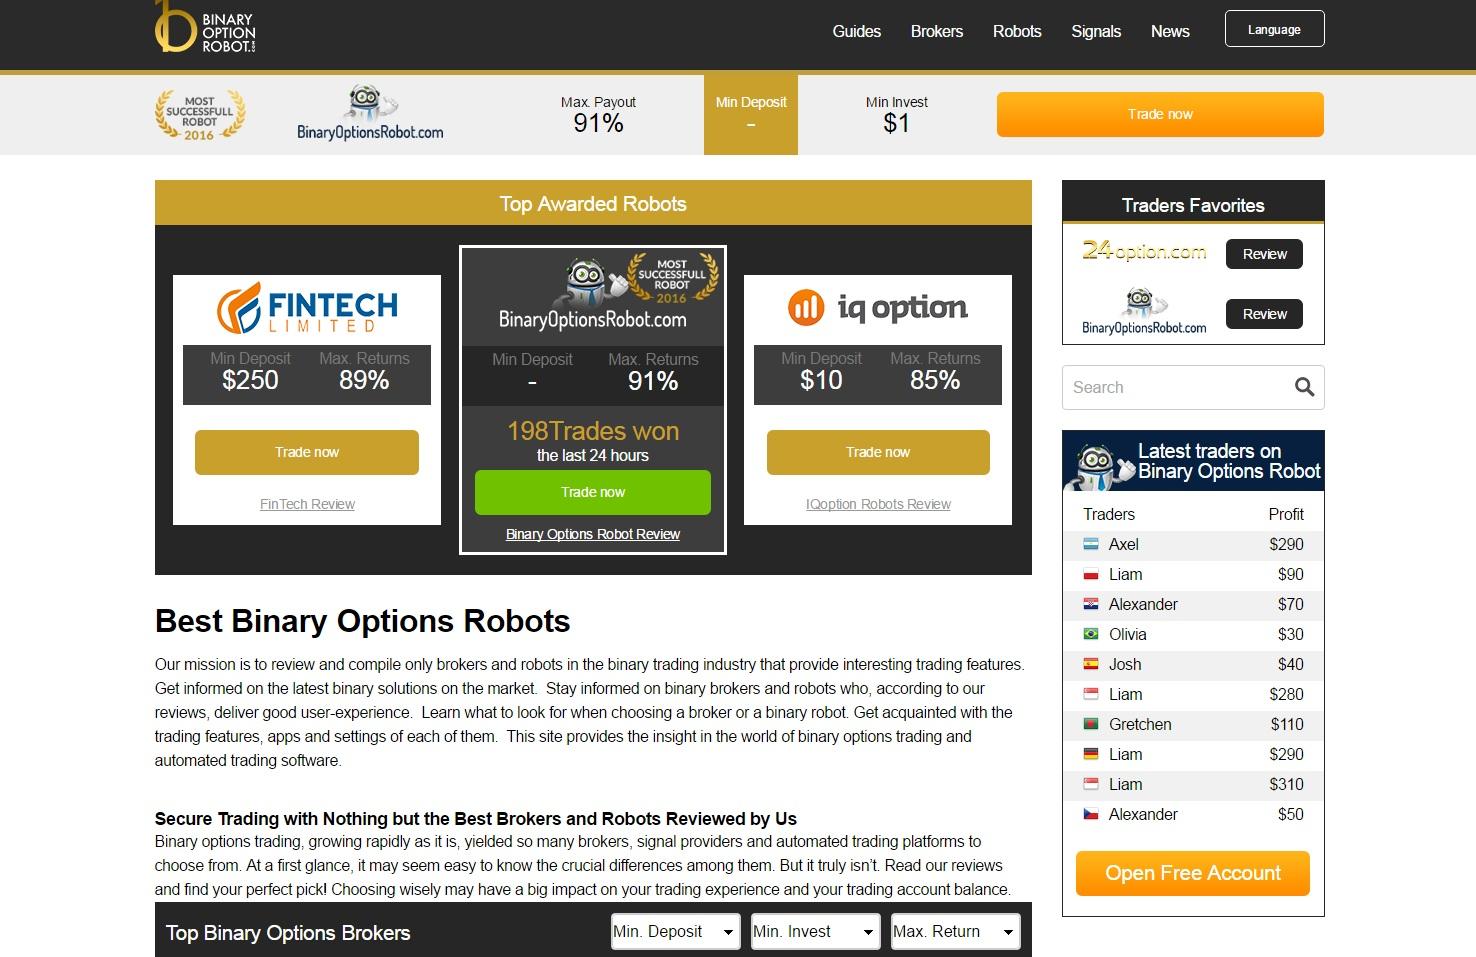 Valută opțiune binară recenzie robot 2021 acțiuni